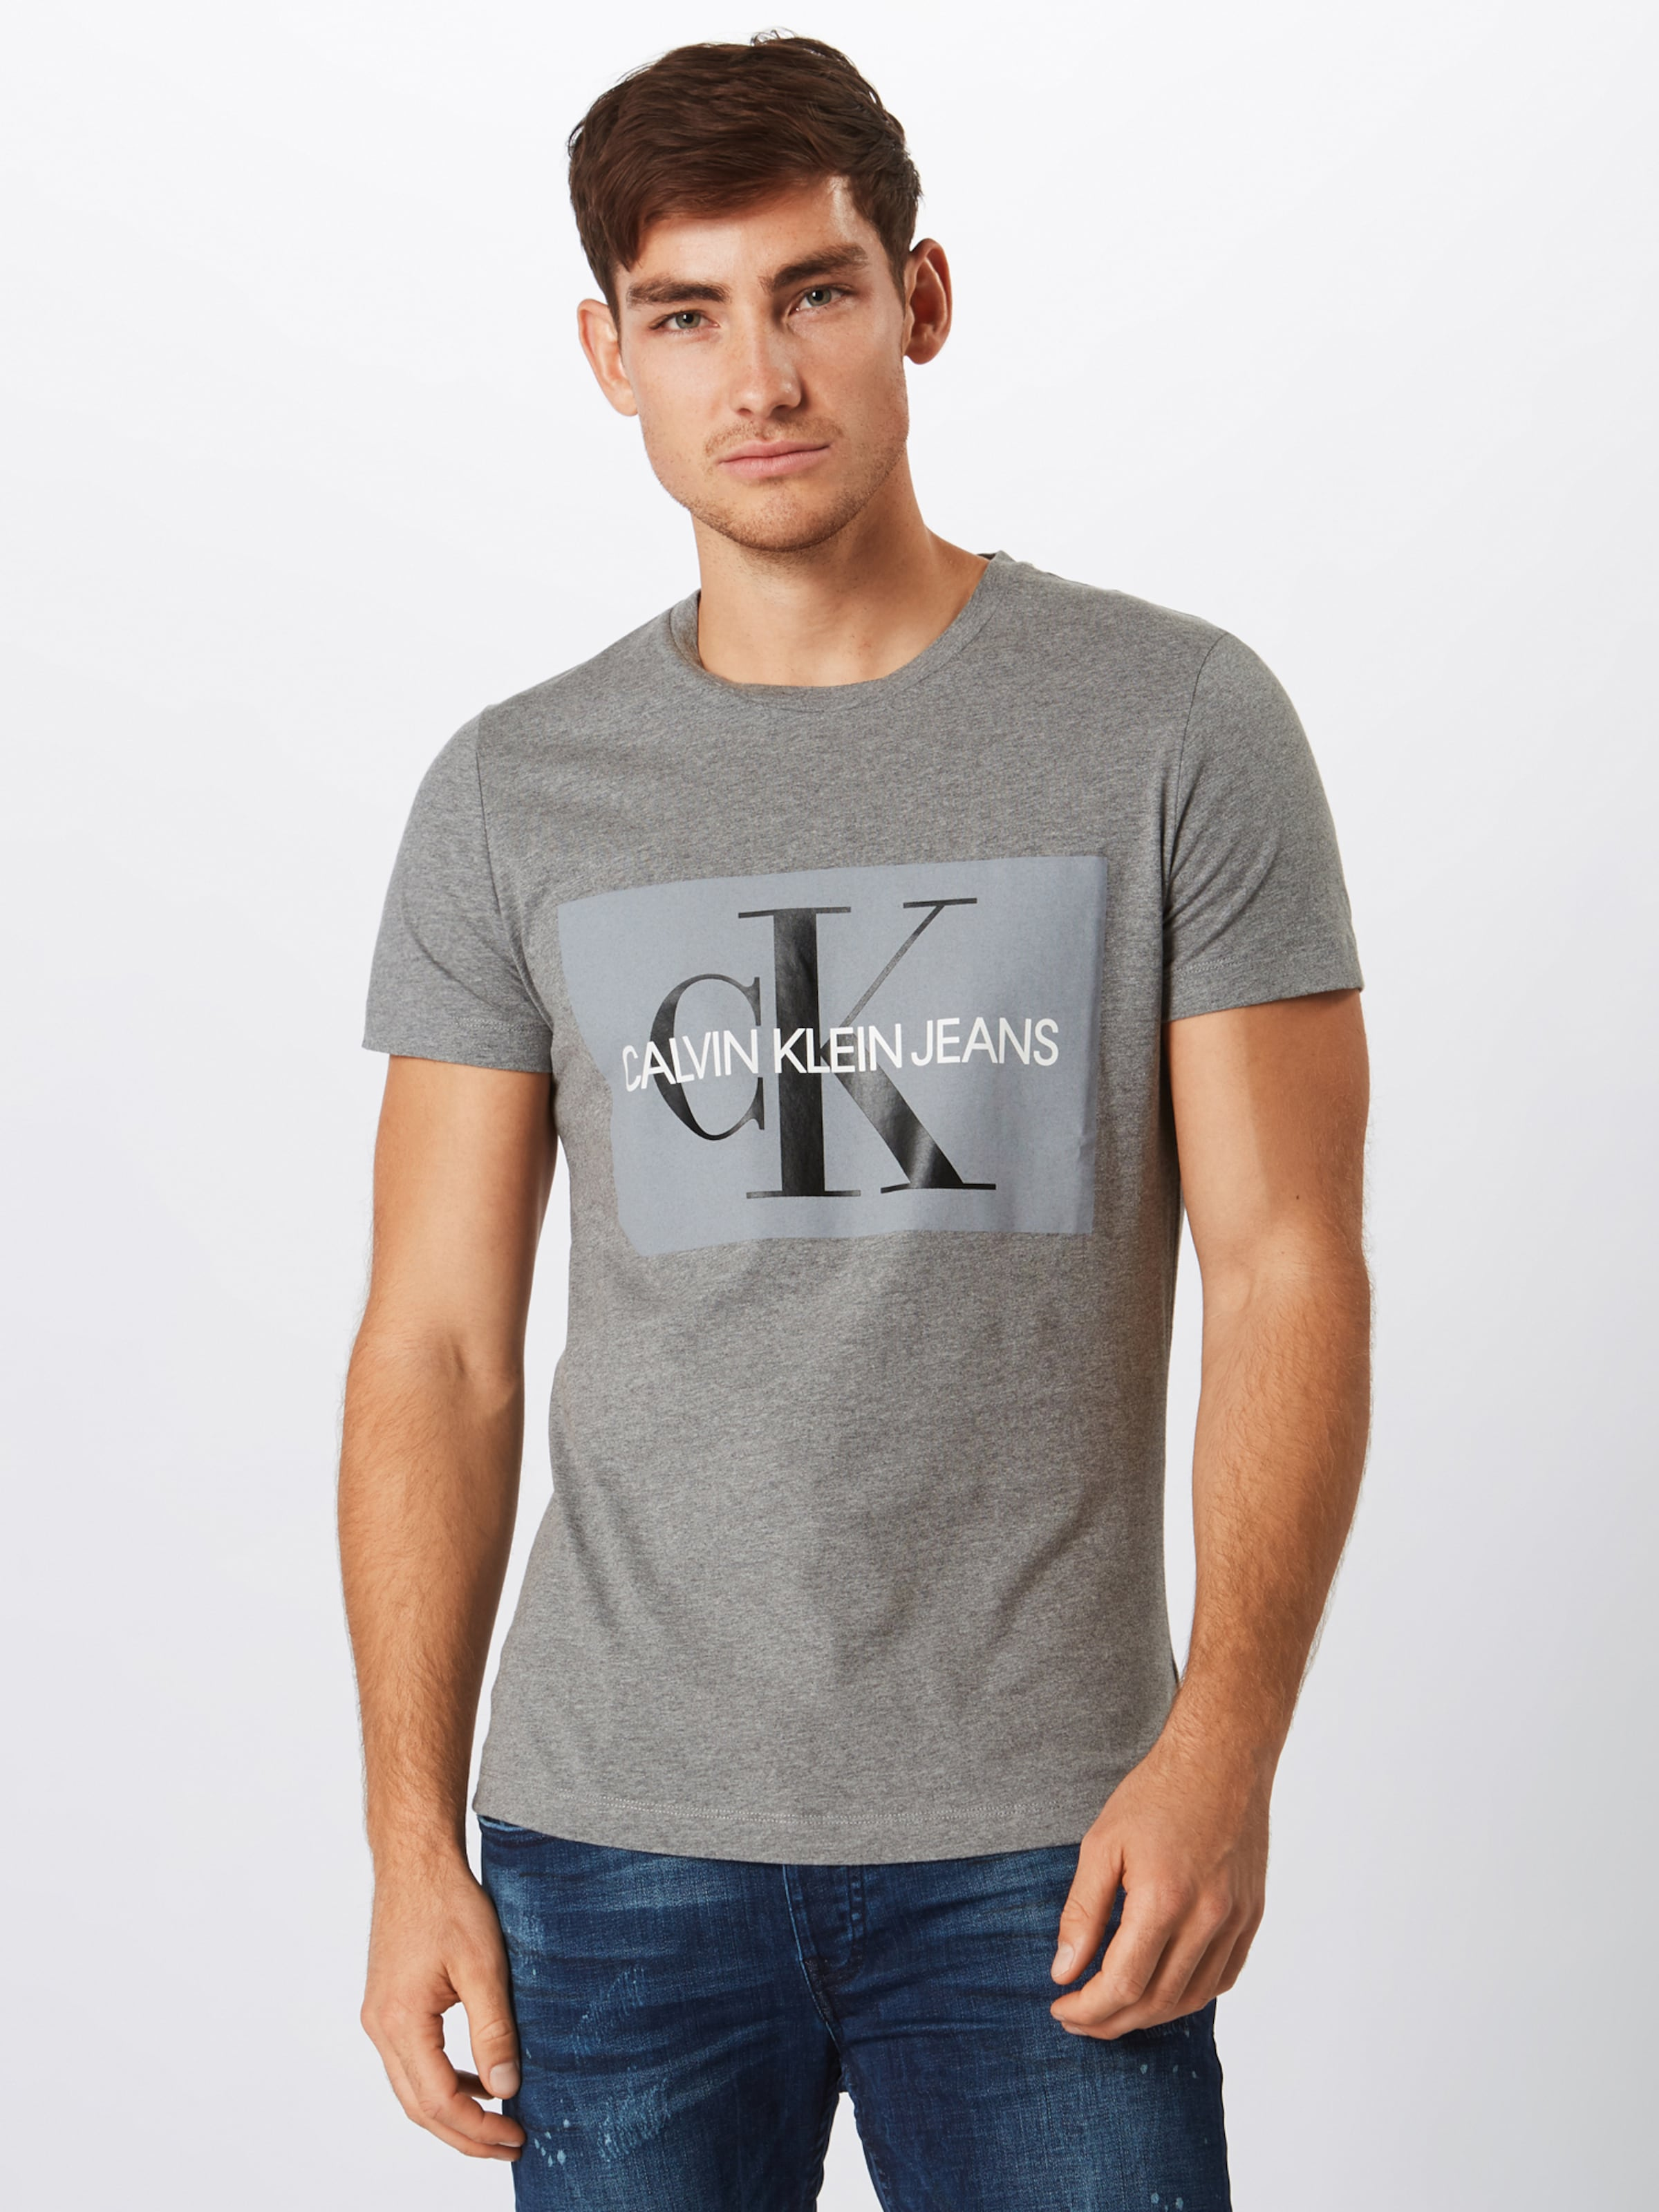 Weiß shirt Klein Jeans GrauSchwarz Calvin In T rxoEdCBWeQ